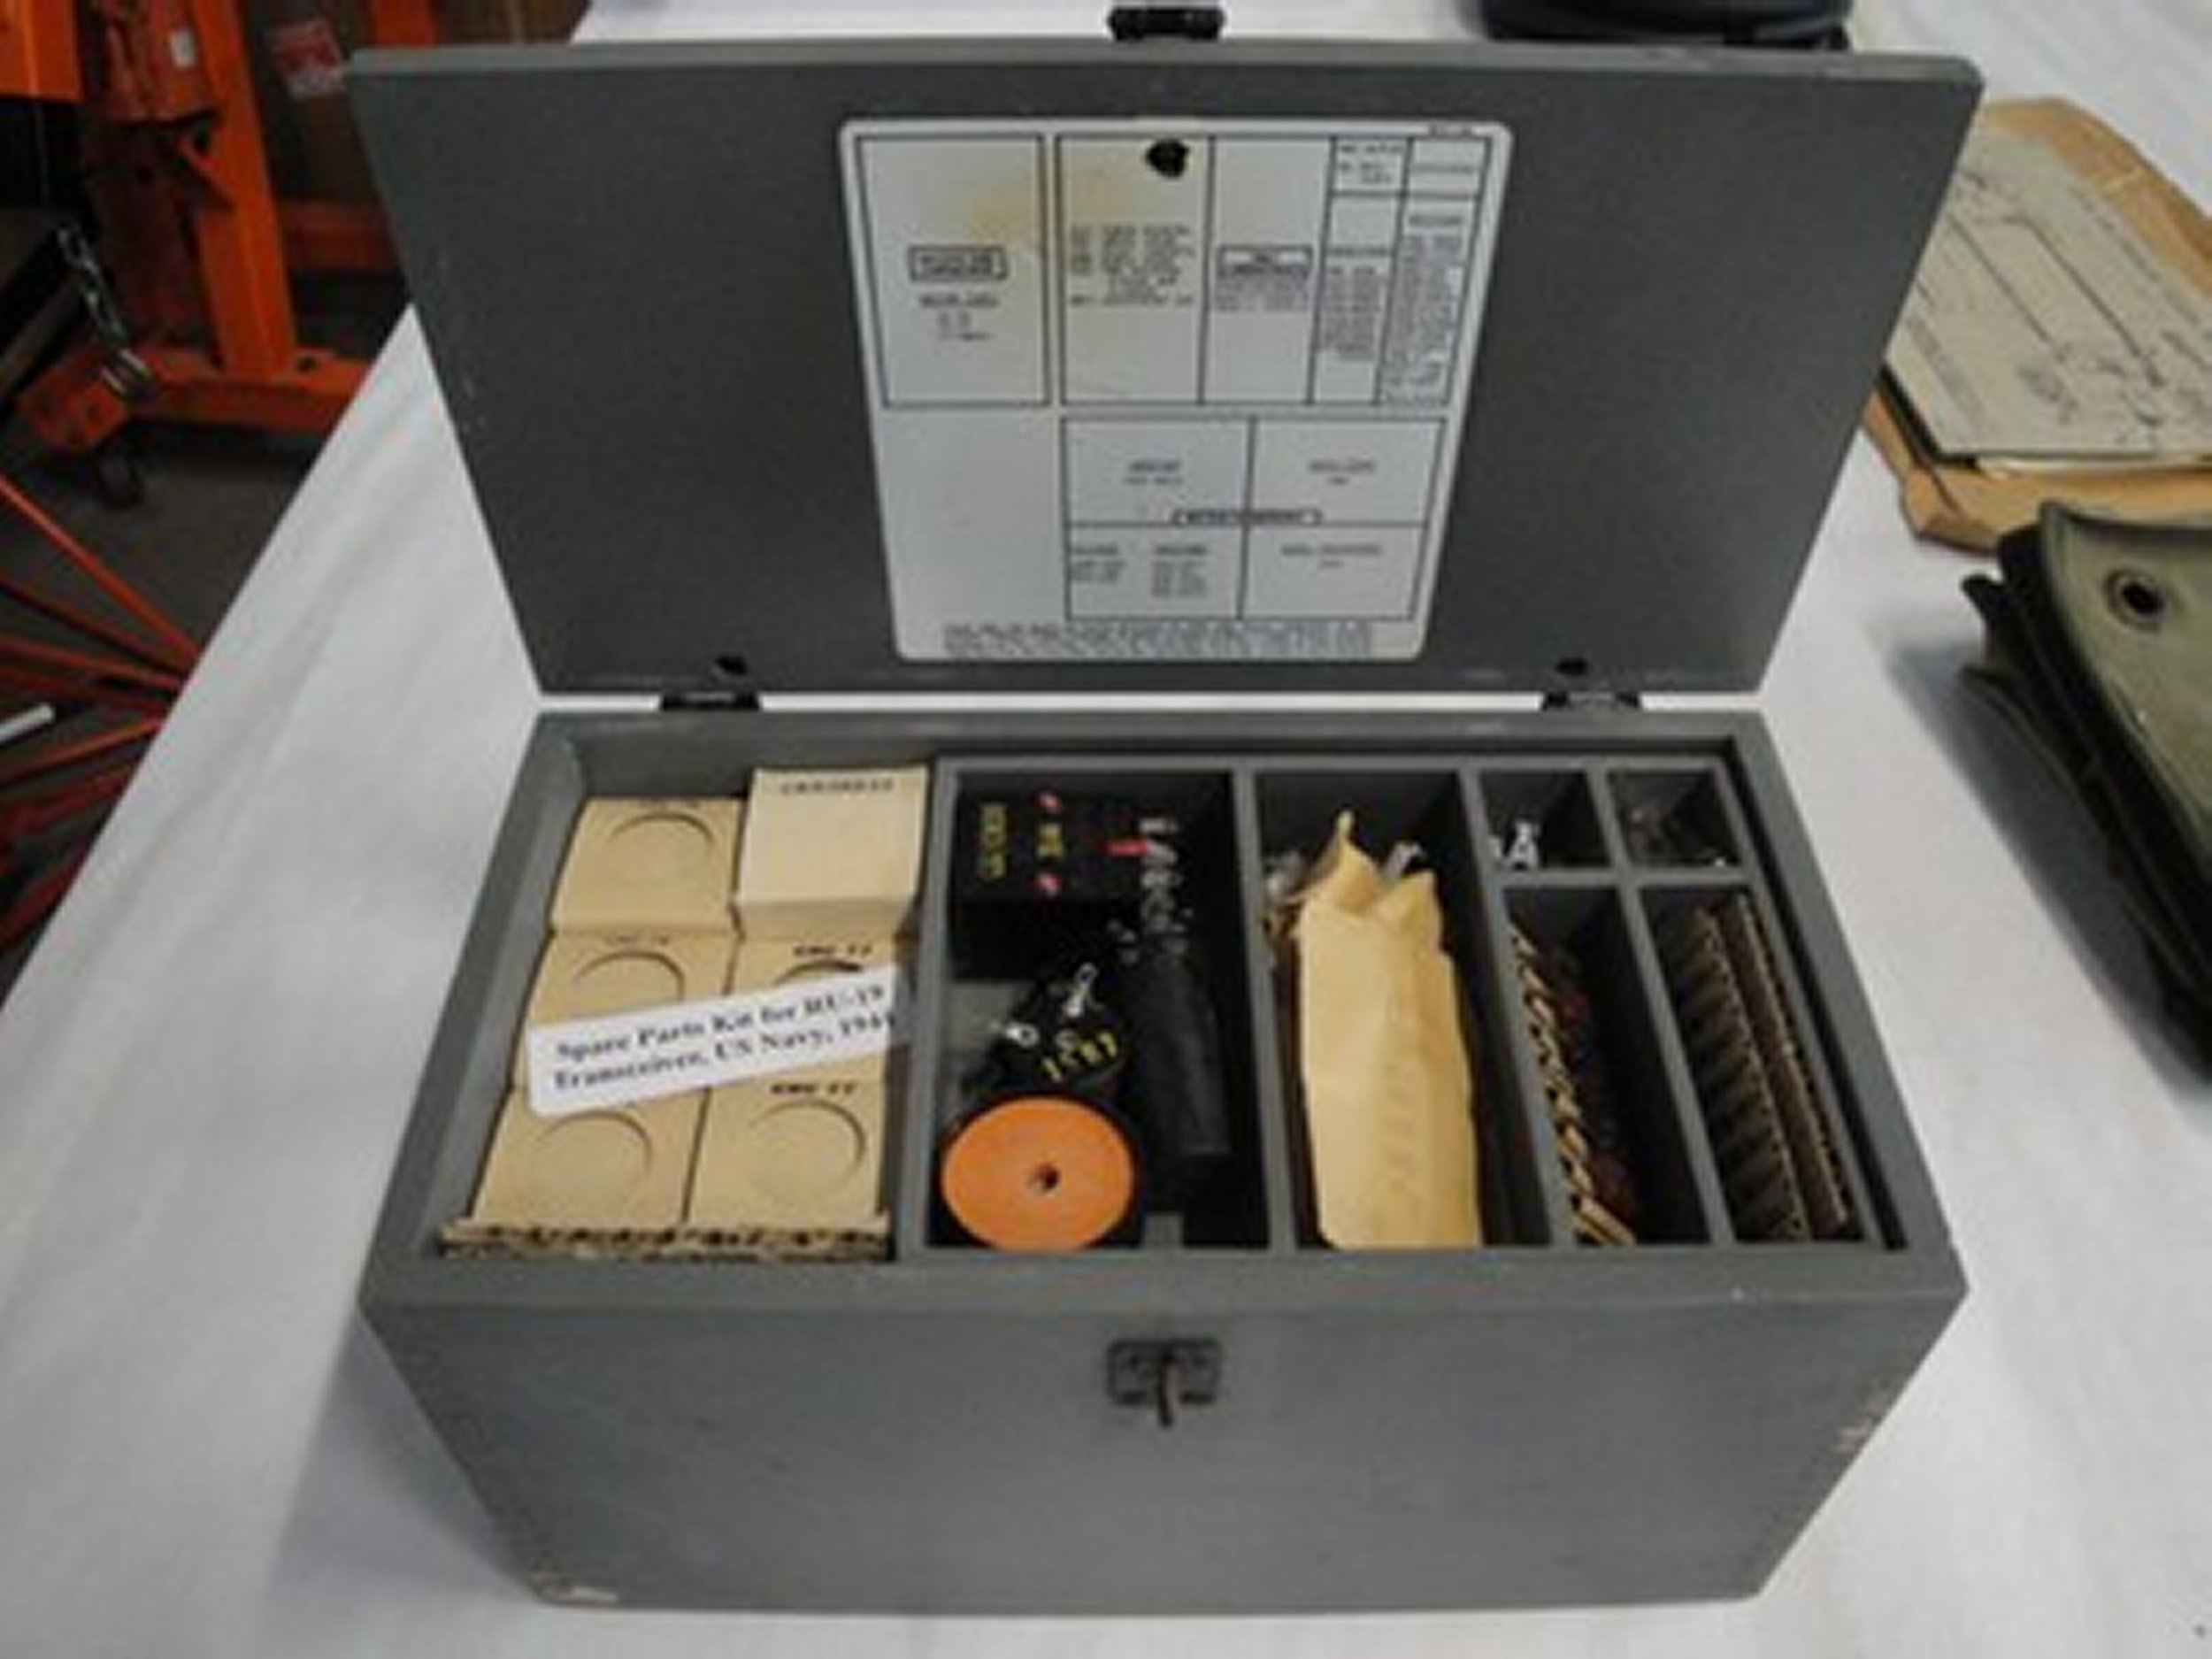 wwii-ww2-navy-spare-parts-kit-ru-19_1_21e14134820026419014992e20127b11.jpg